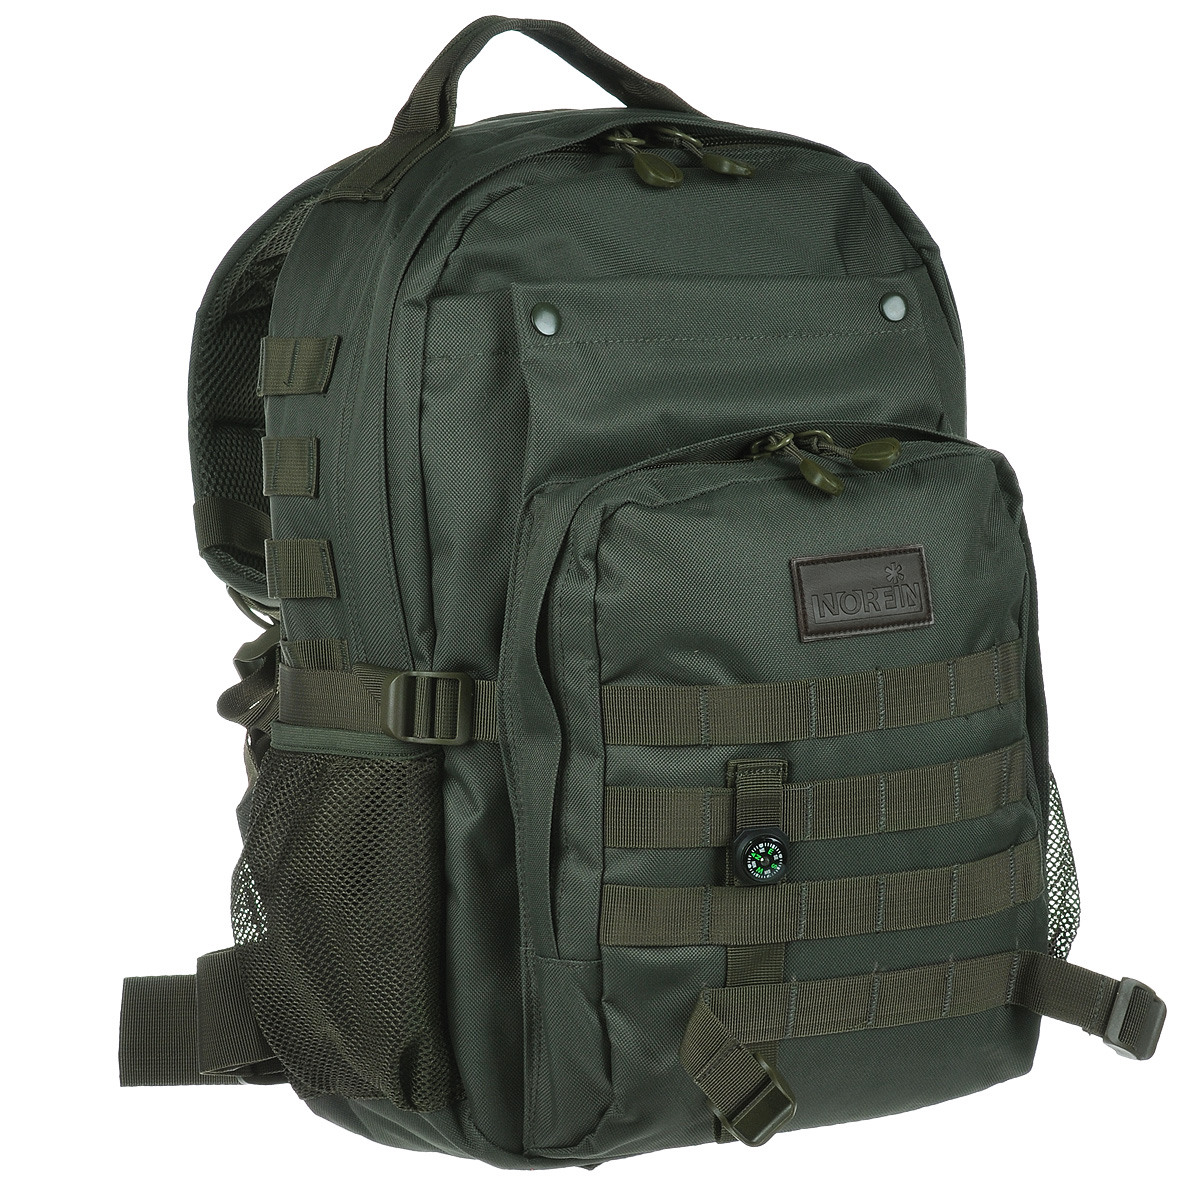 Рюкзак городской Norfin Tactic, цвет: зеленый, 30 л95940-905Городской тактический рюкзак Norfin Tactic выполнен из прочного полиэстера. Благодаря многофункциональности данный рюкзак позволяет удобно и легко укладывать свои вещи.Особенности рюкзака:Спинка имеет три рабочие зоны с сеткой Air Mesh, хорошо отводится избыточное тепло и влага при нагрузкахАнатомические лямки. Слой пены и сетки Air Mesh Поясной ременьБольшой фронтальный карманФронтальный карман на молнии с органайзером Два боковых карманаВнутренний карман для ноутбукаВнутренний сетчатый карман.